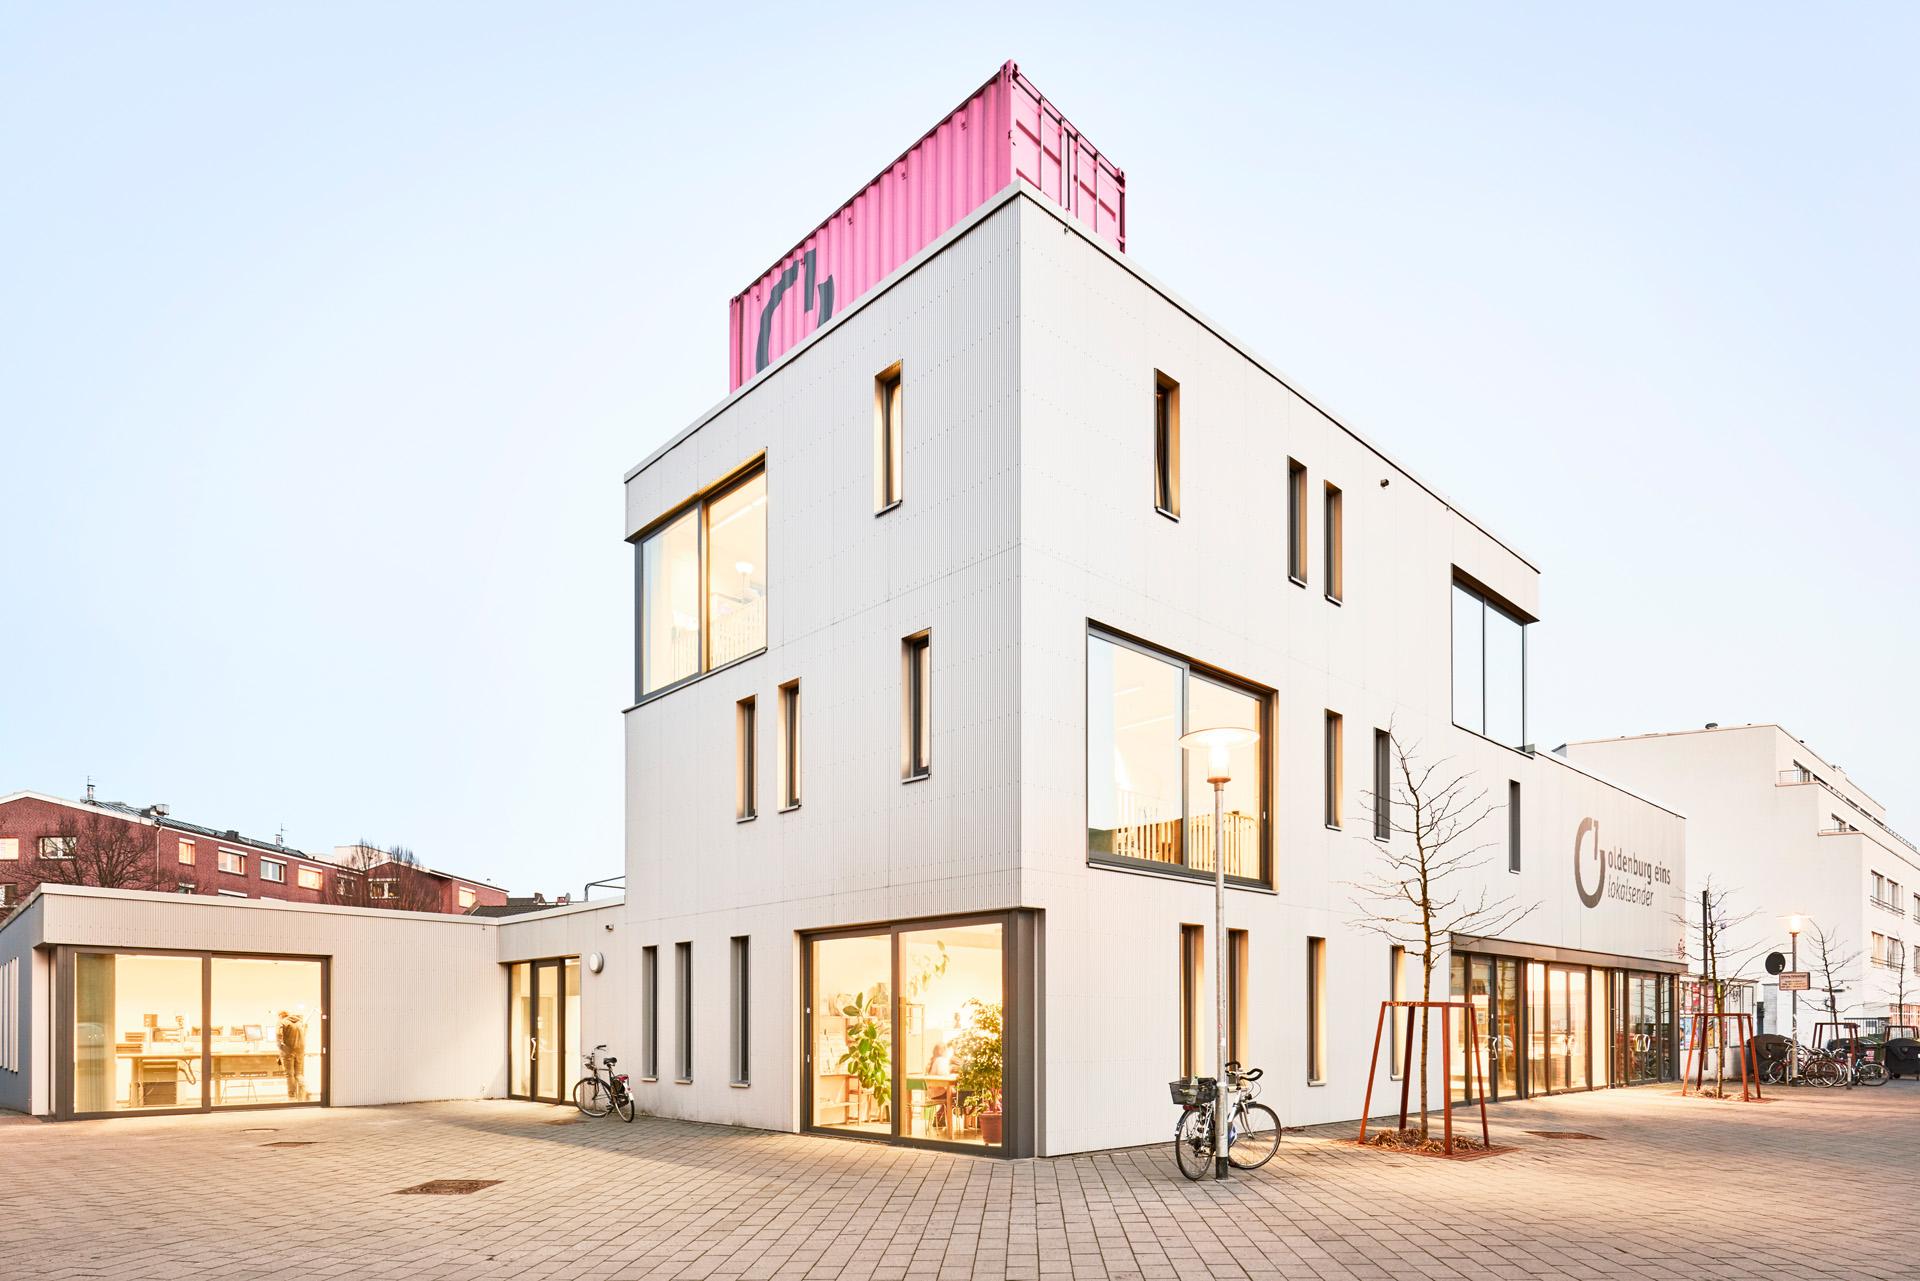 Architekturbild: Radiosender O1 Oldenburg, gruppeomp architekten